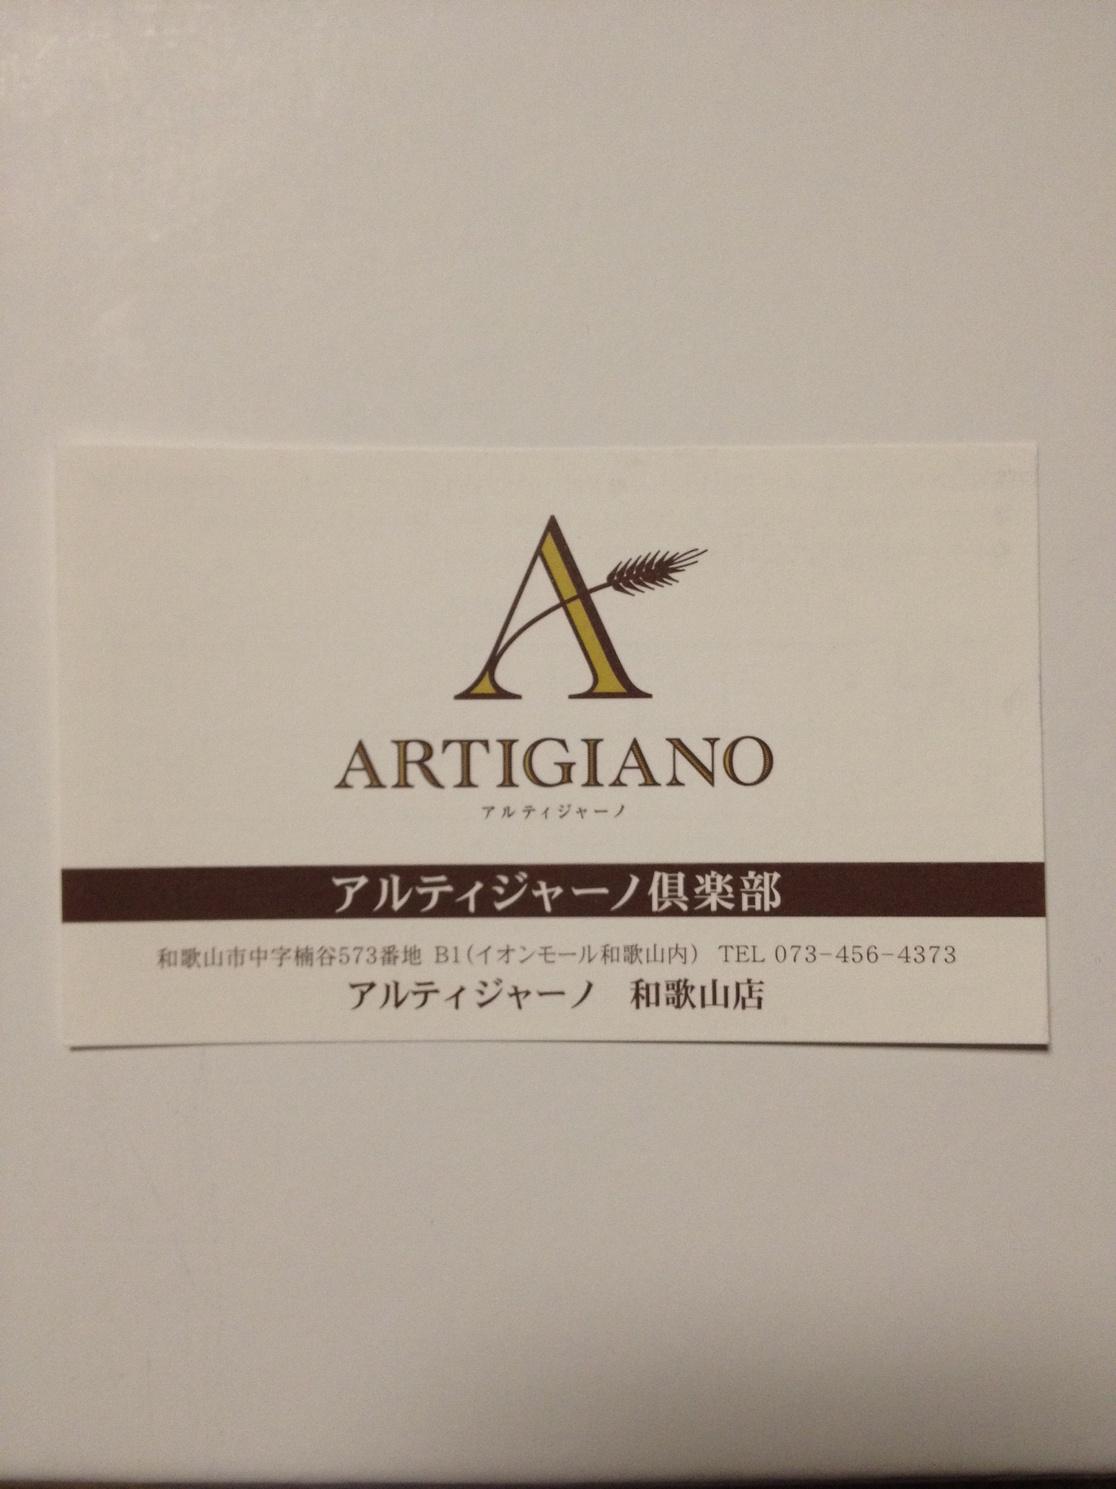 アルティジャーノ イオンモール和歌山店